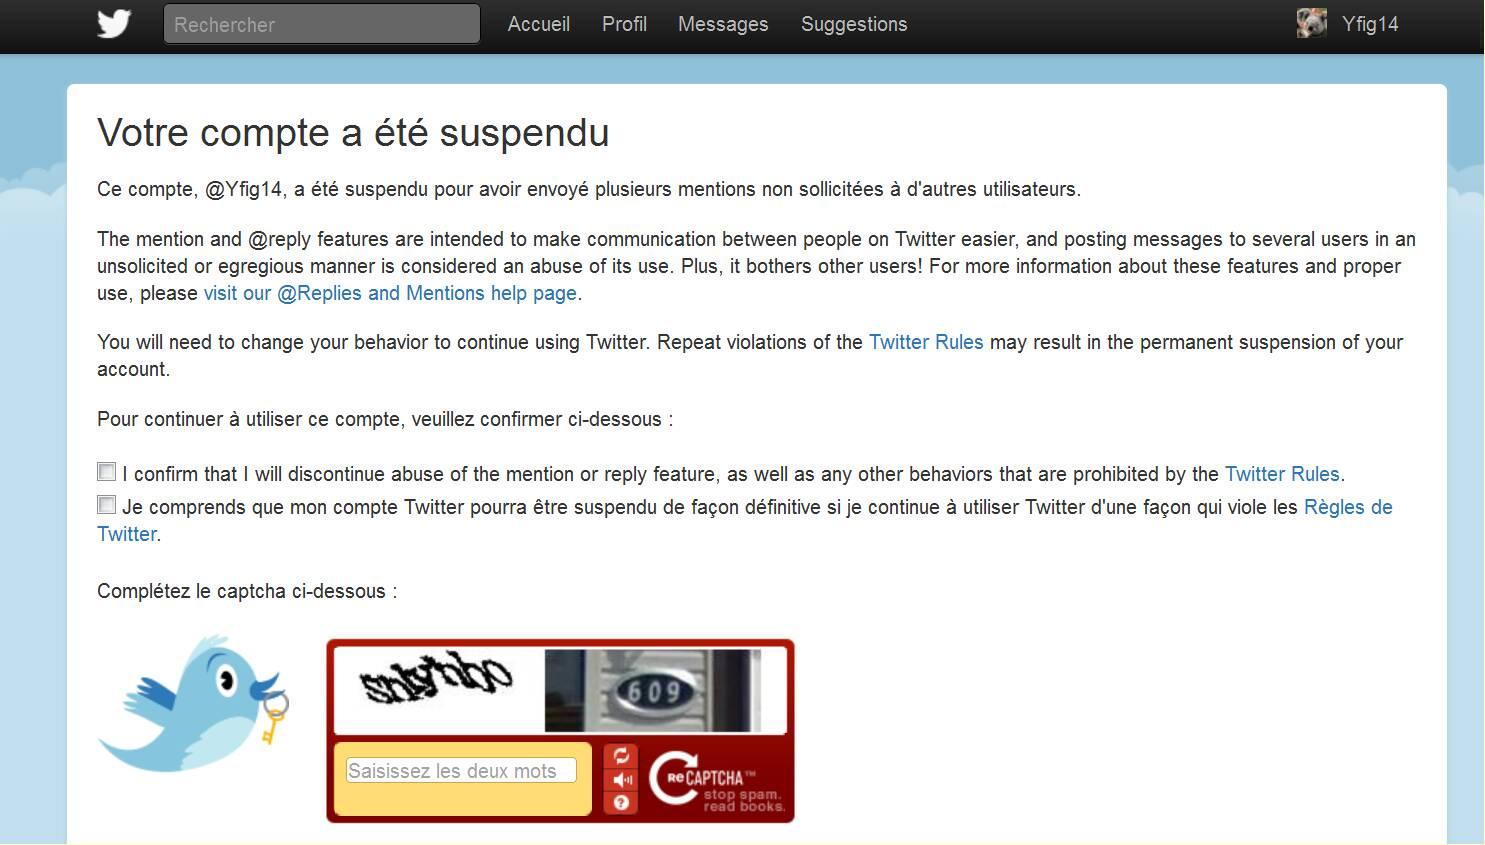 tweeter-suspendu01-406f449.jpg